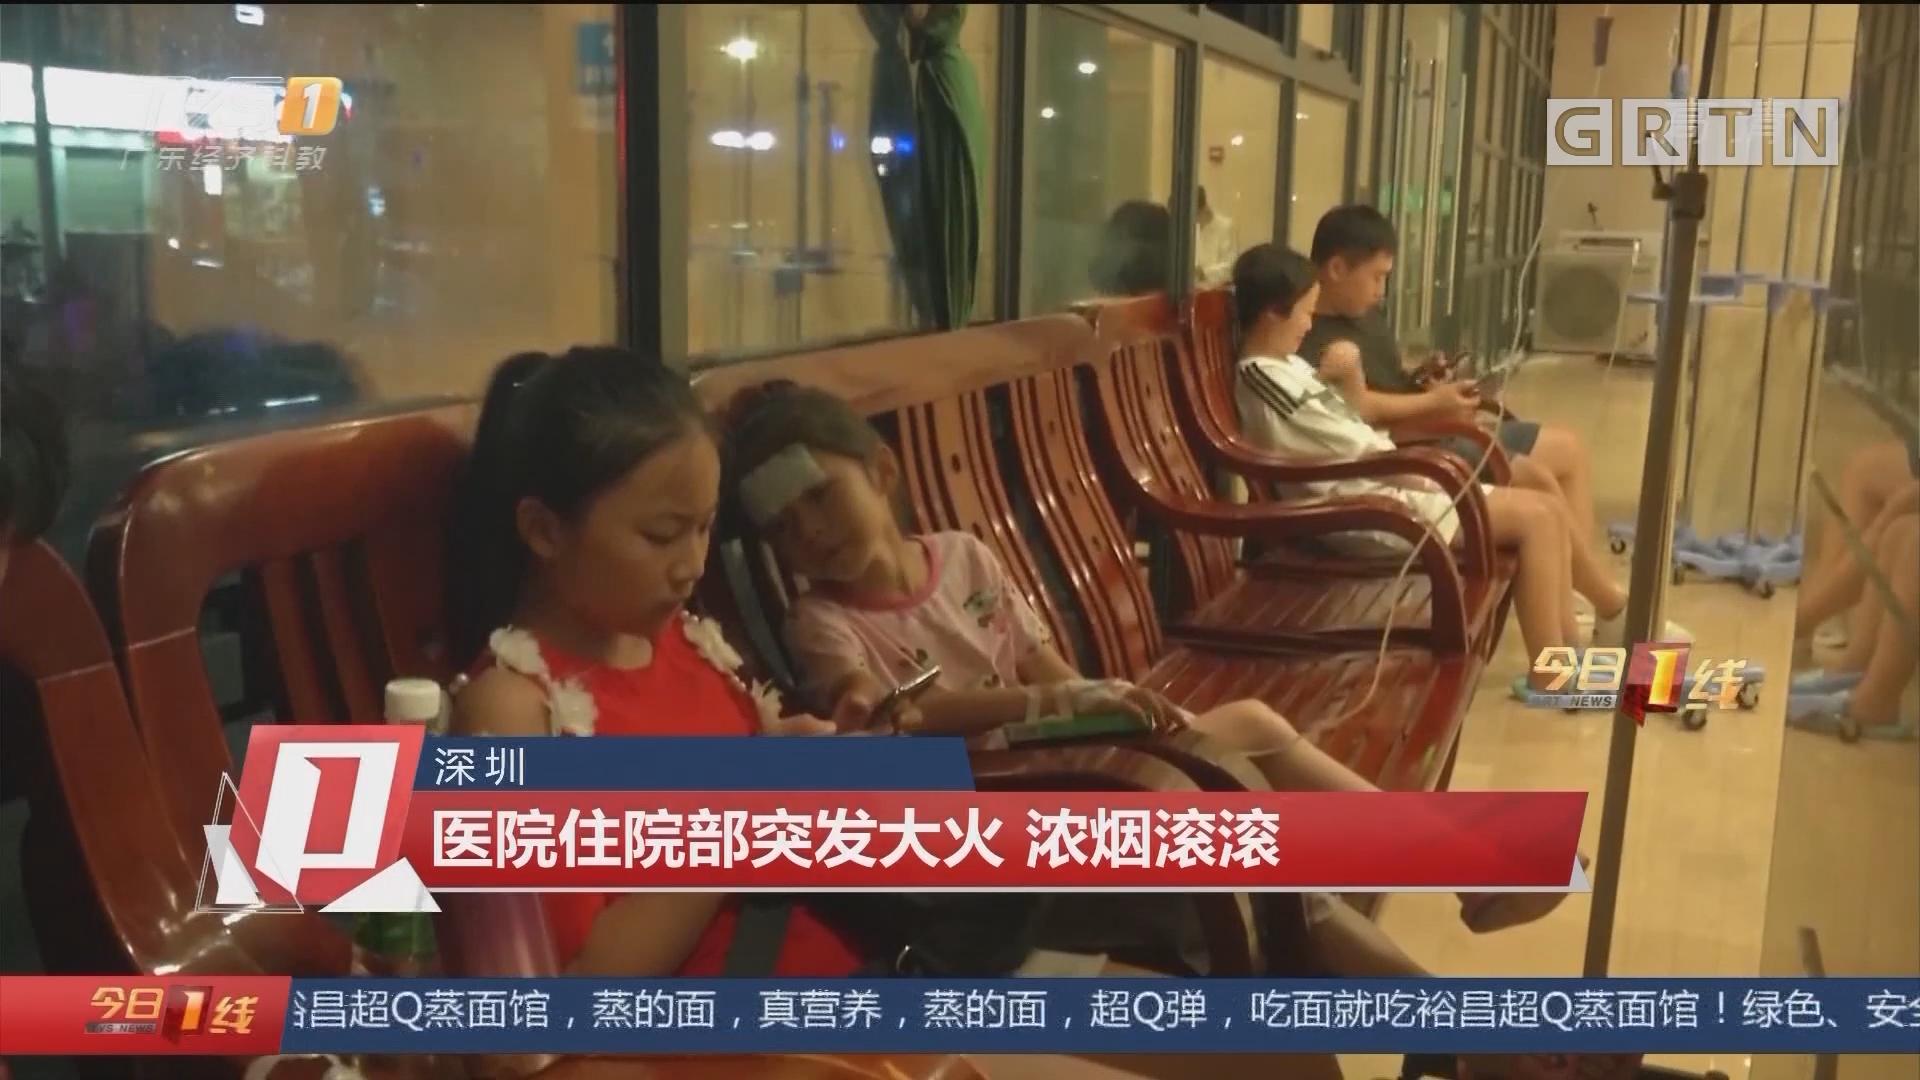 深圳:医院住院部突发大火 浓烟滚滚